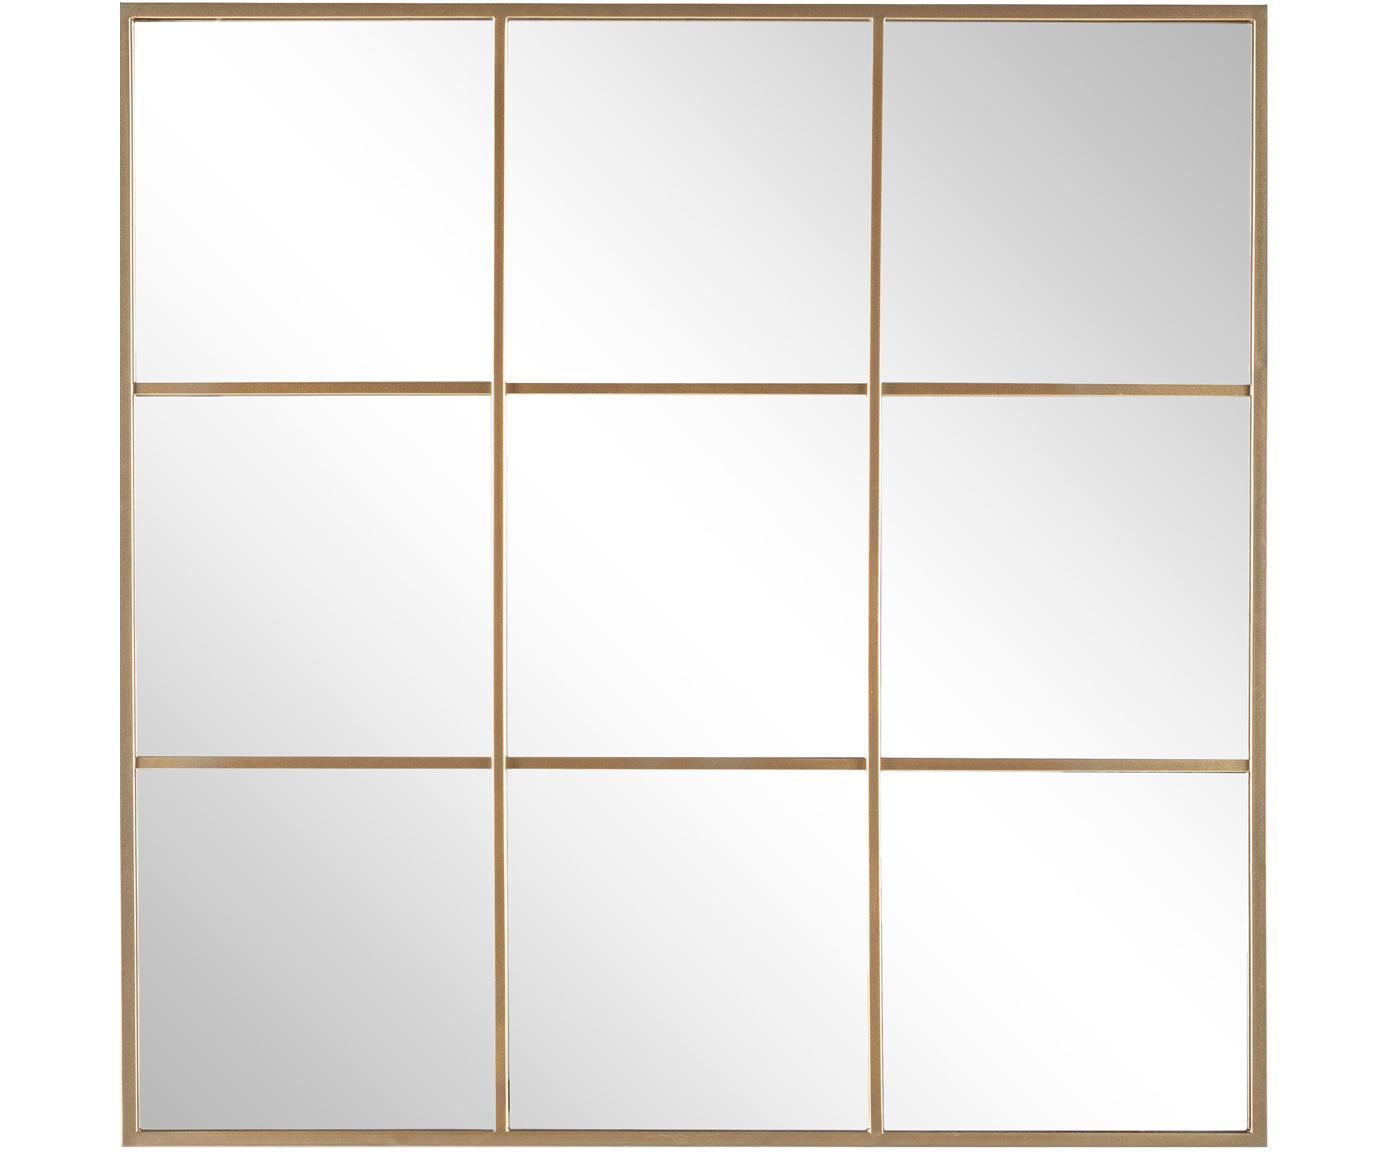 Wandspiegel Nucleos mit goldenem Metallrahmen, Rahmen: Metall, beschichtet, Spiegelfläche: Spiegelglas, Goldfarben, 90 x 90 cm